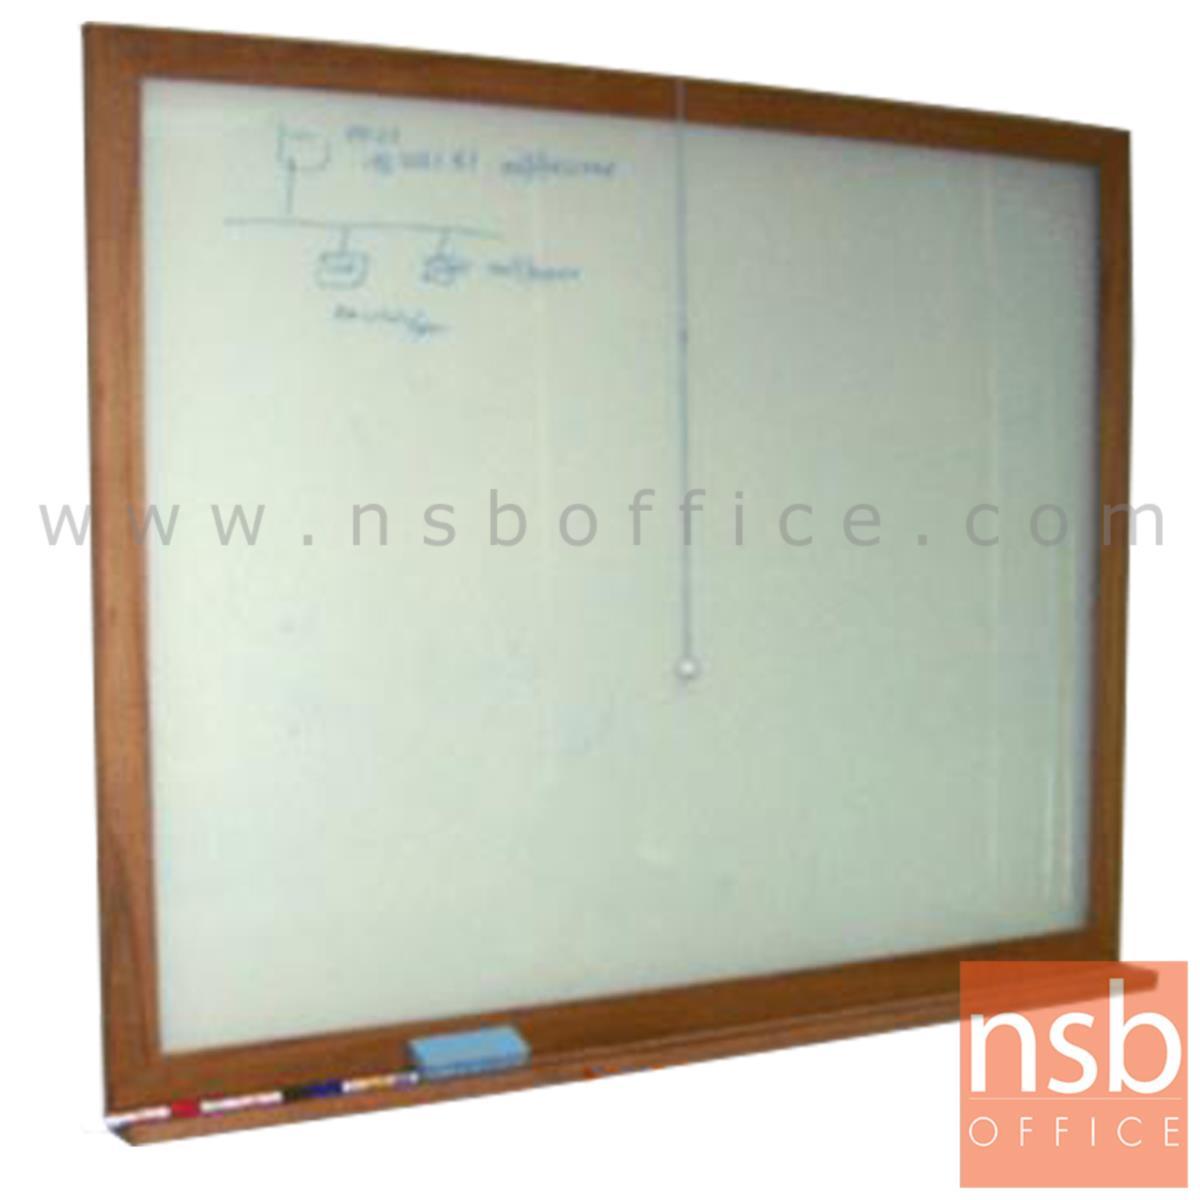 G01A030:ไวท์บอร์ดกระจกพ่นขาว ขอบไม้จริง PHG-01 (ขอบไม้สักหรือไม้บีช) พร้อมรางวางแปรง (ติดตั้งผนังปูน)